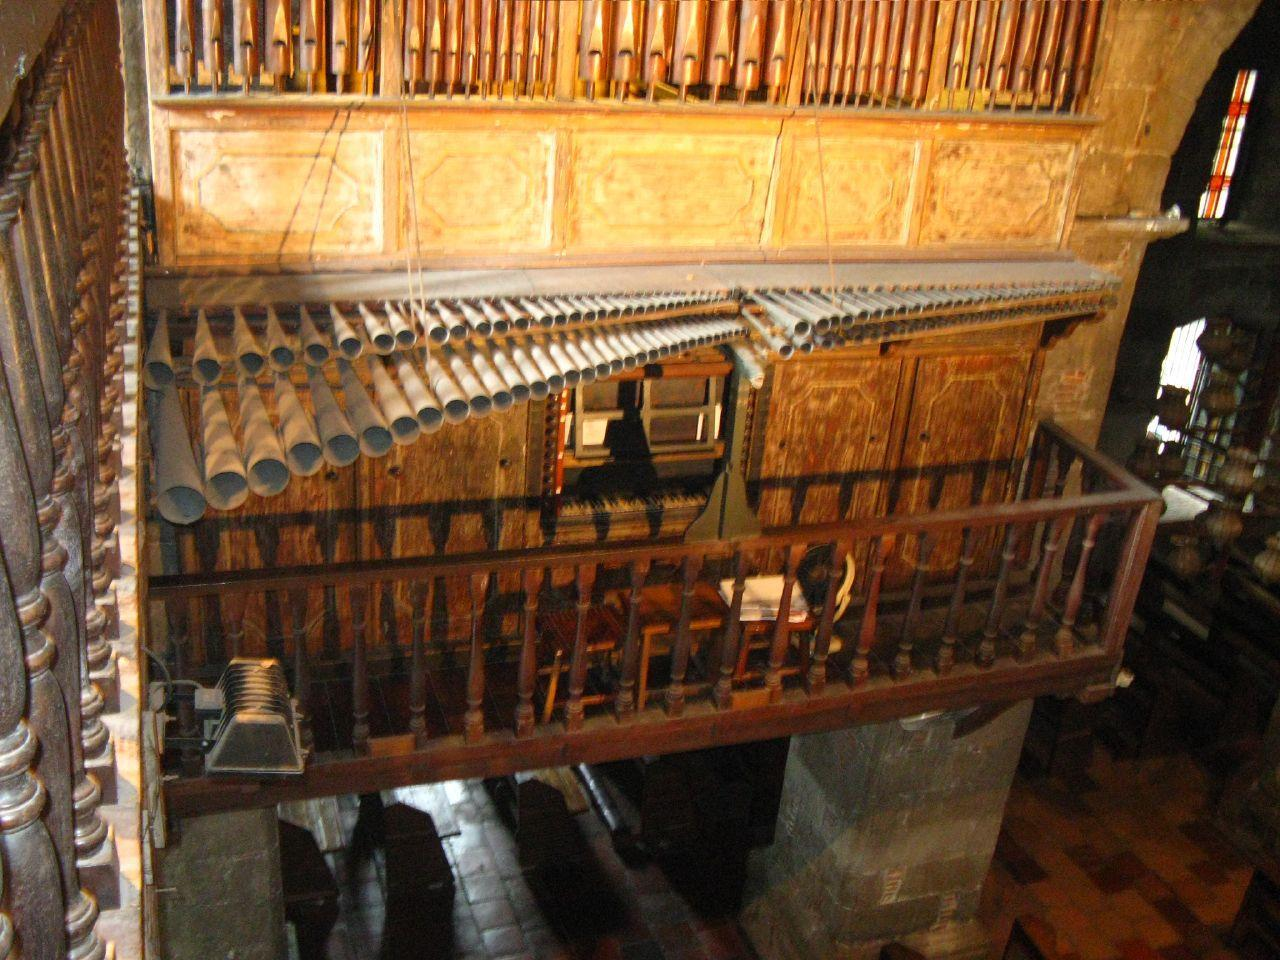 The Notable Bamboo Organ